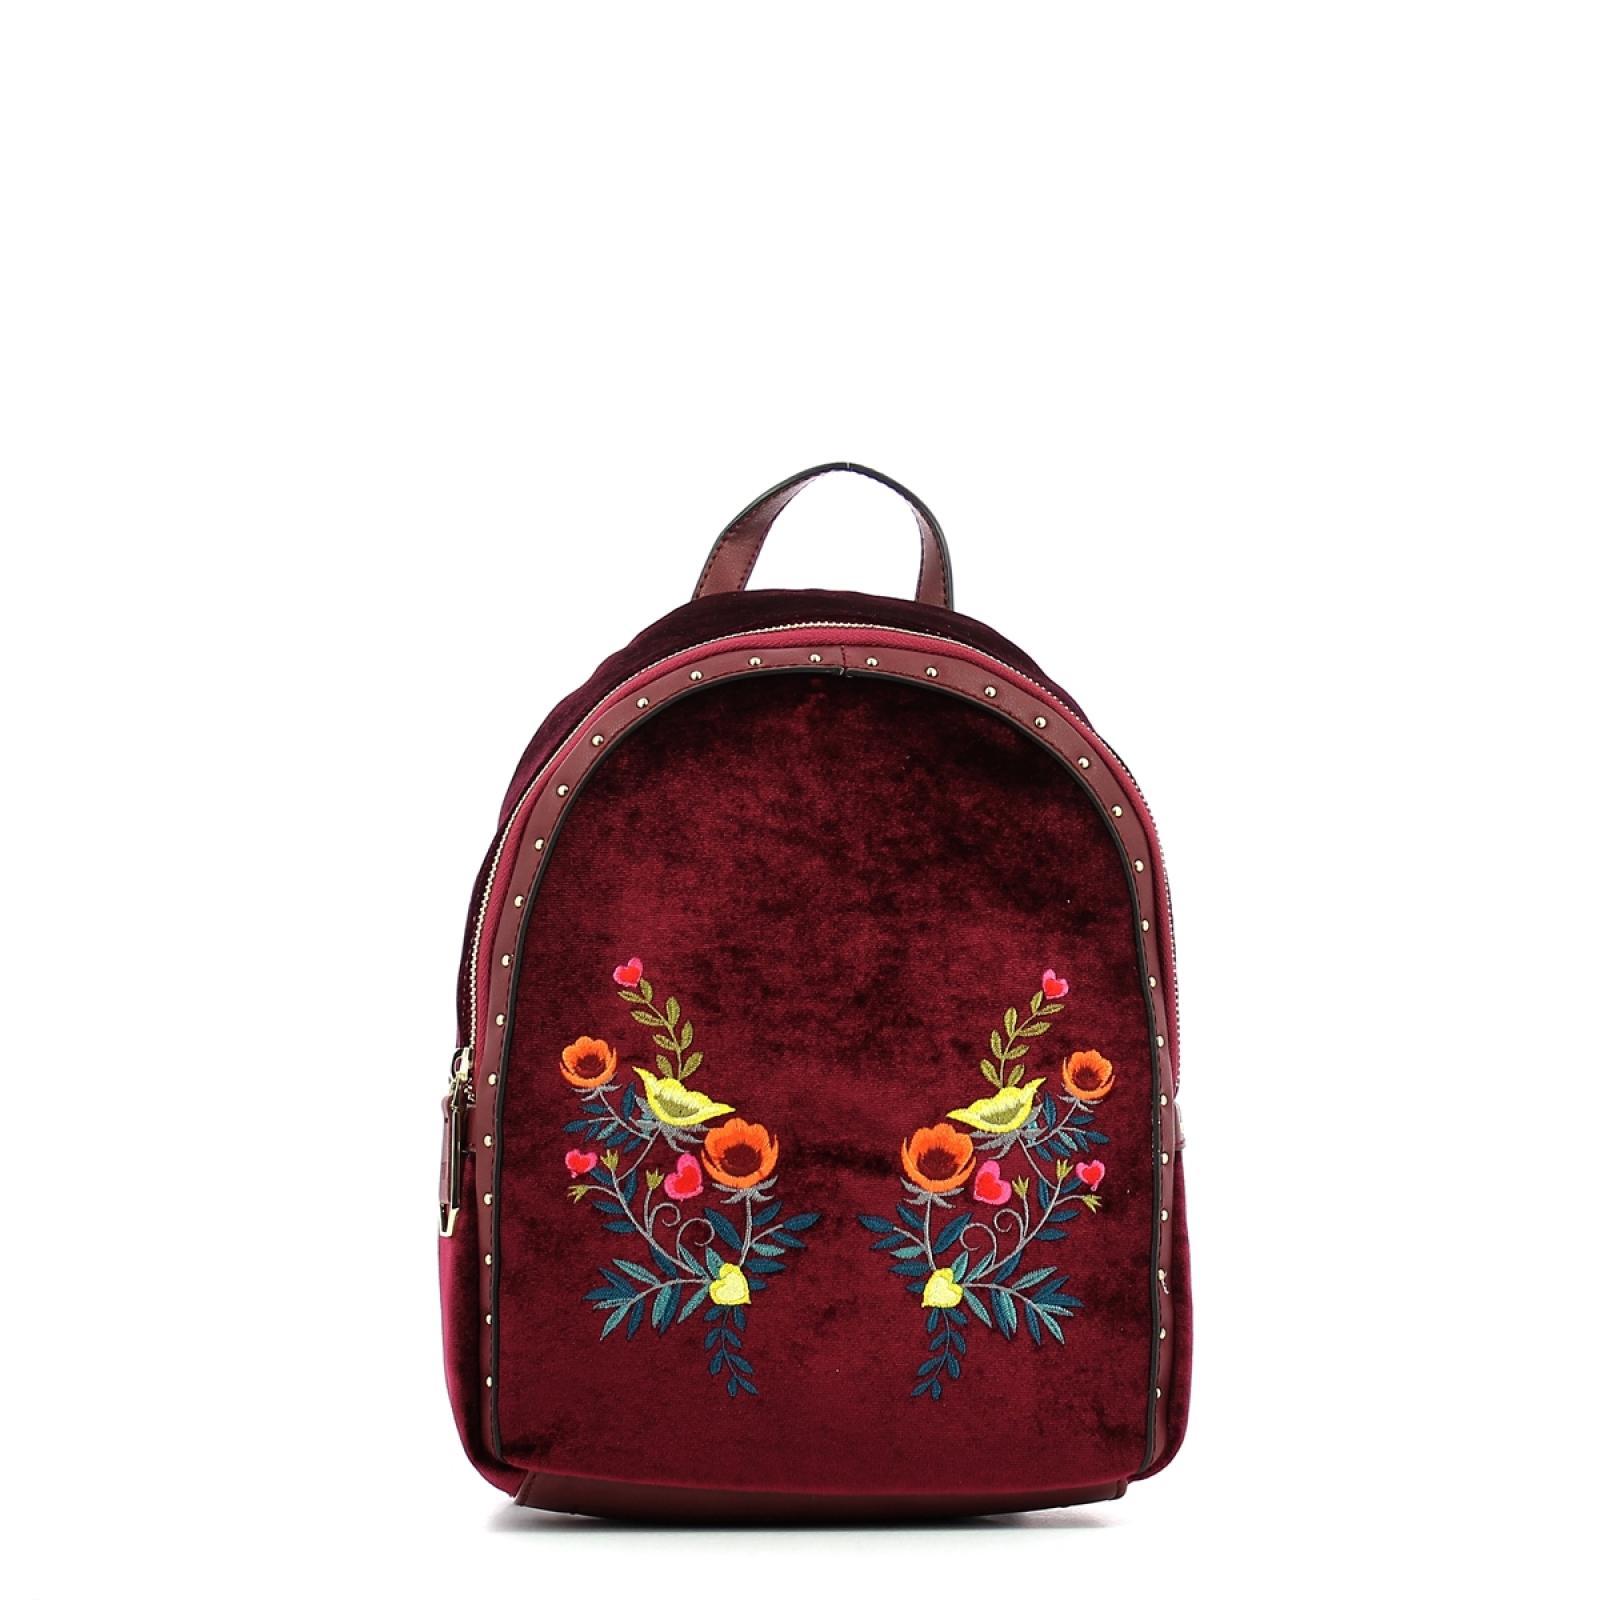 Backpack Portulaca velvet-BORDEAUX-UN